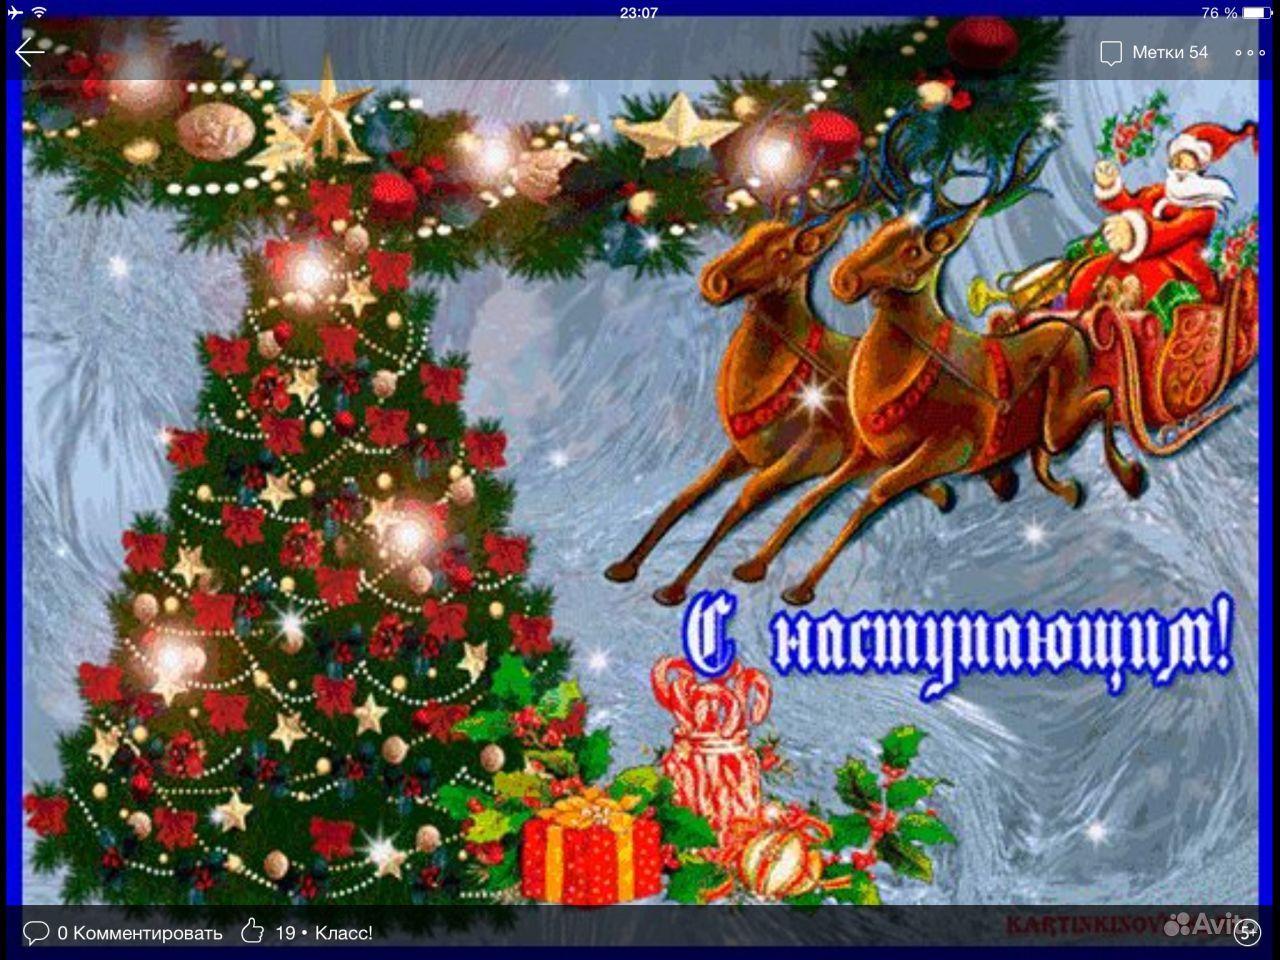 http://00.img.avito.st/1280x960/1114418000.jpg